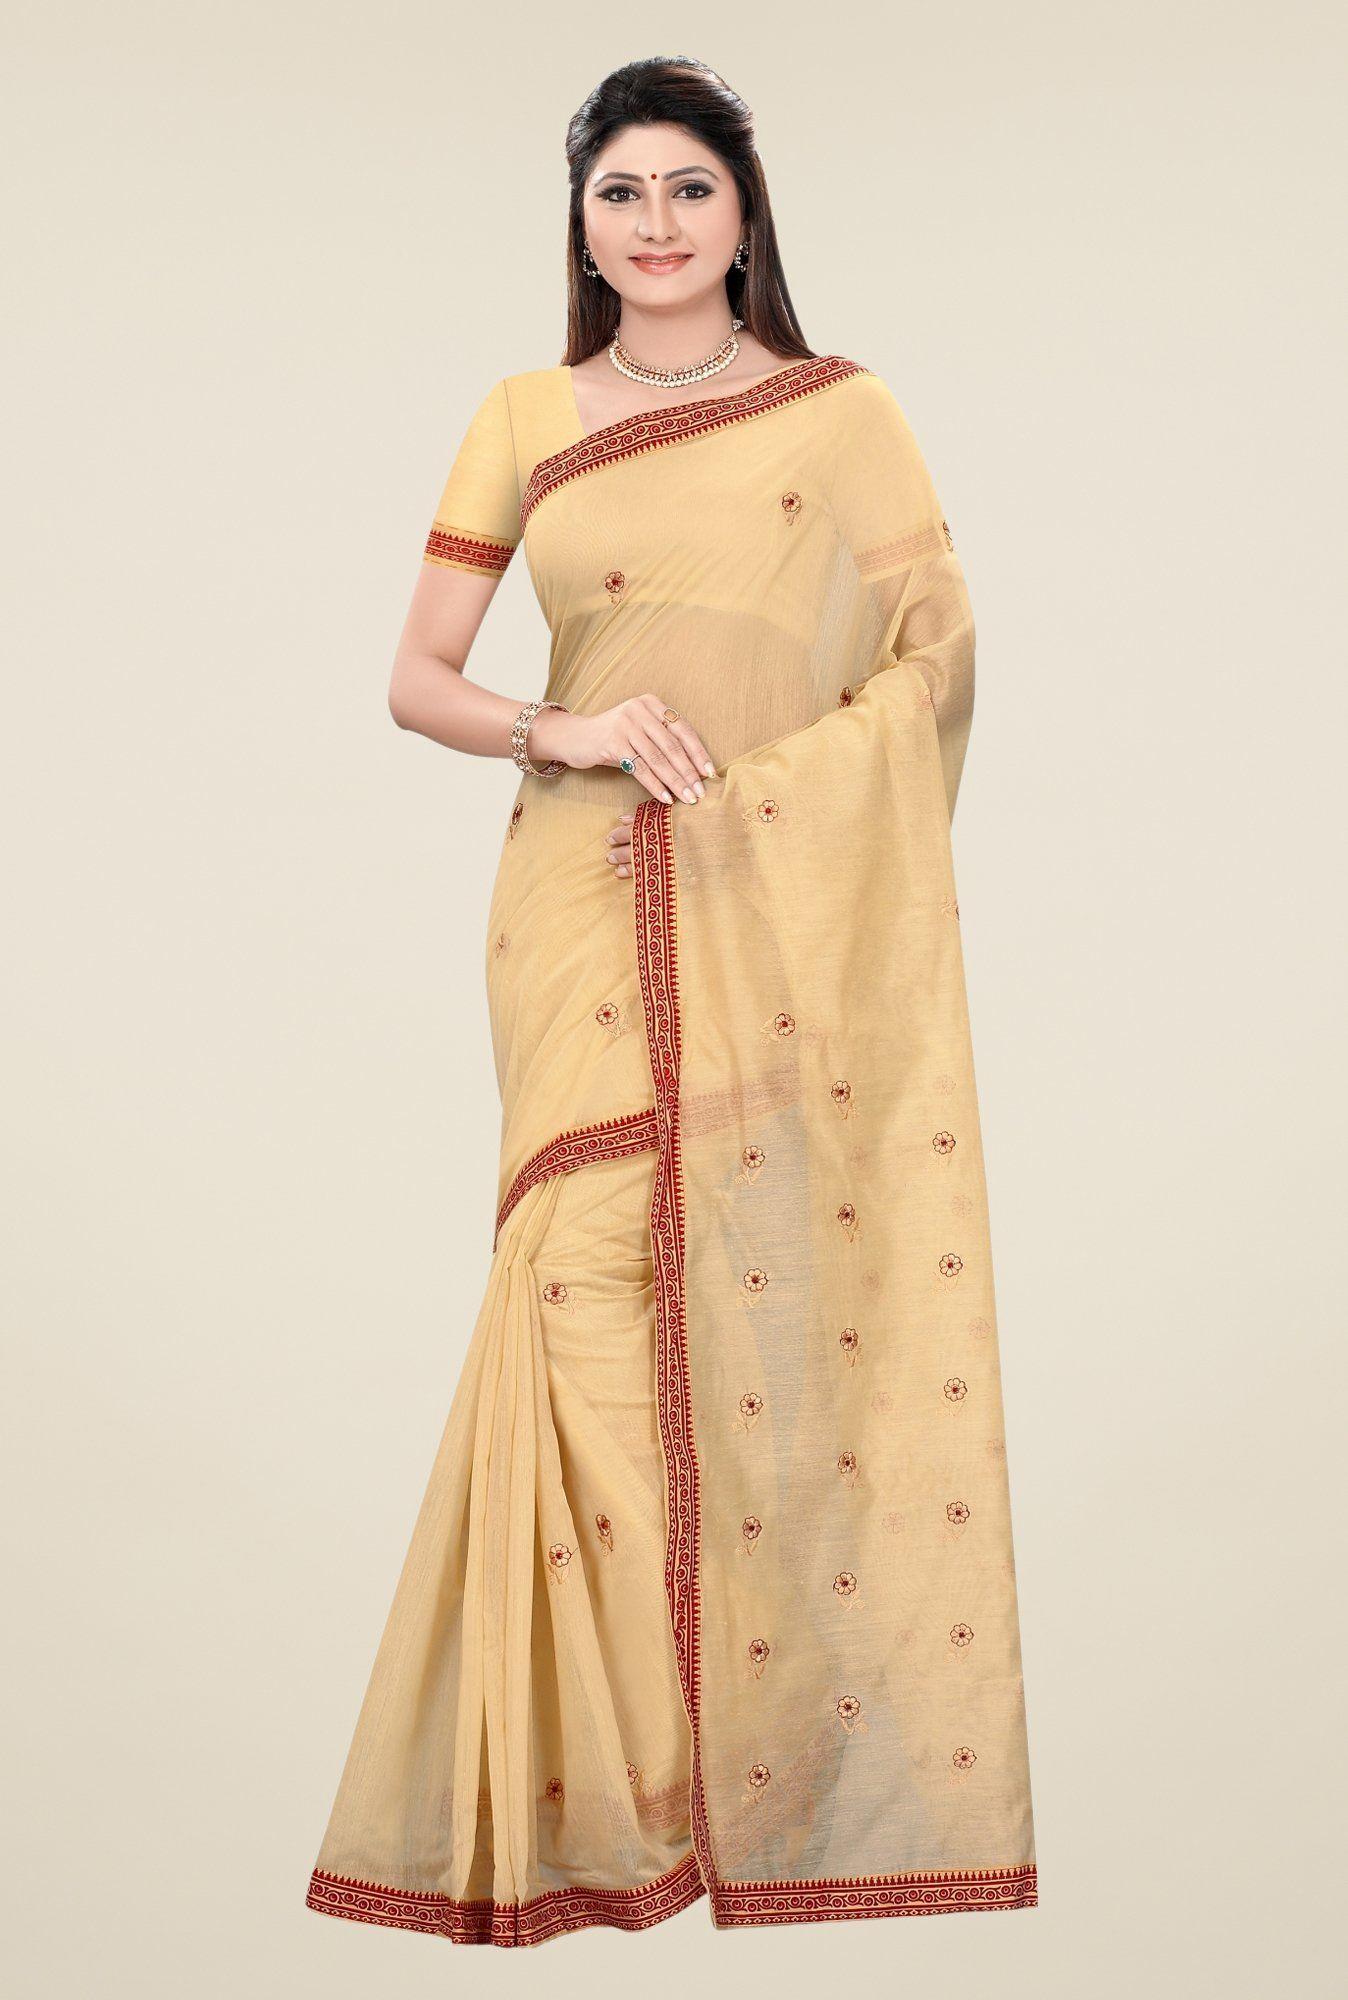 Yellow cotton saree for wedding saree wedding hot blouse pattu draping farewell